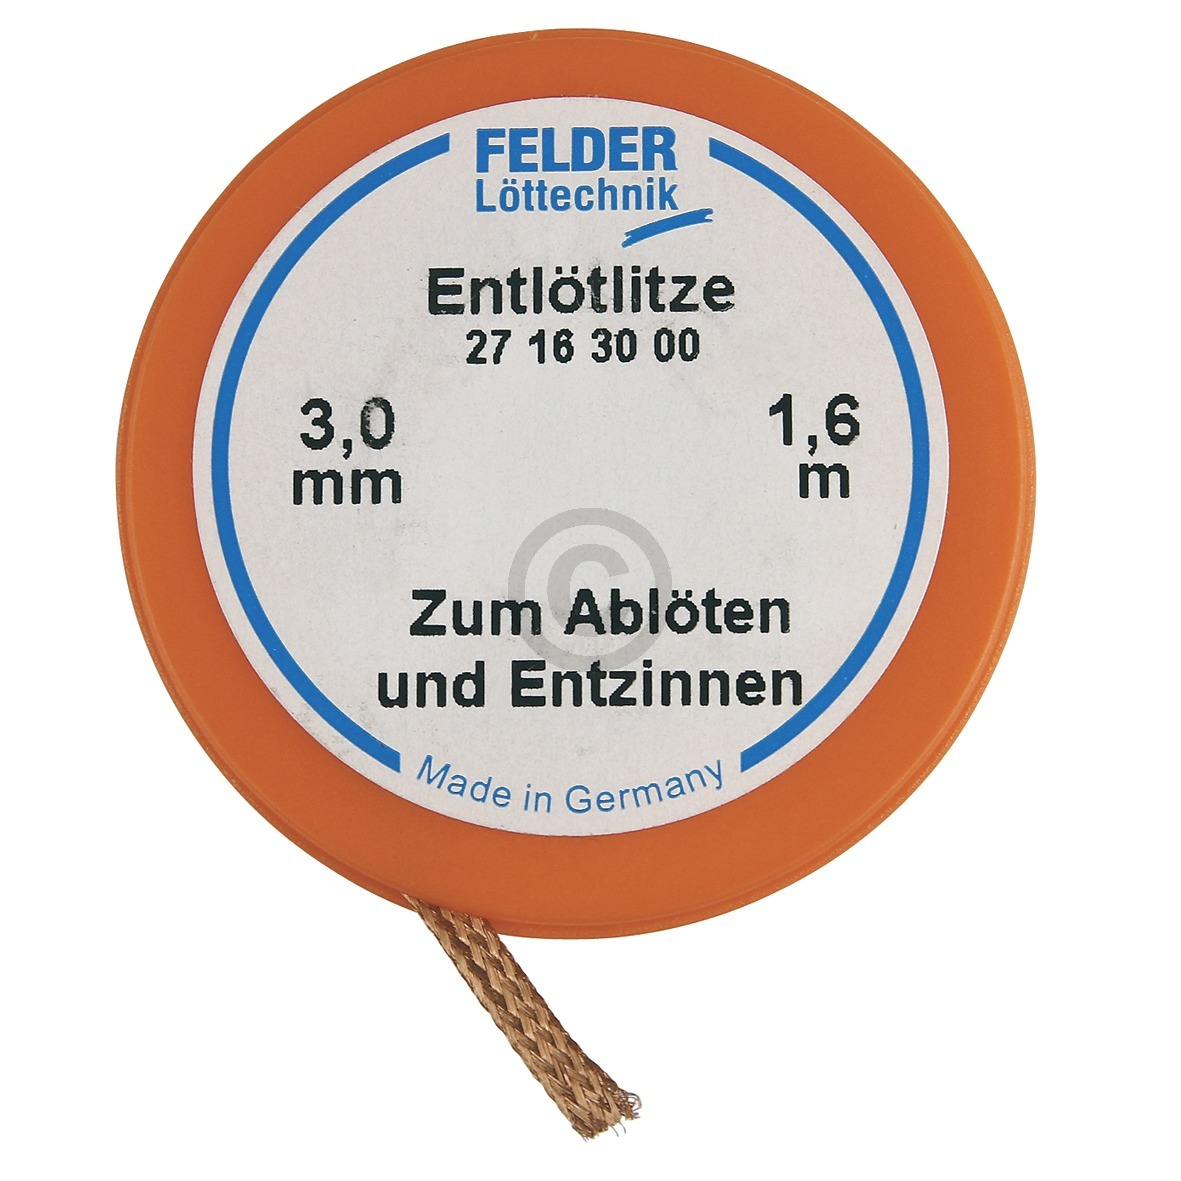 Entlötlitze 3mmØ 1,6m Rolle Felder 27163000